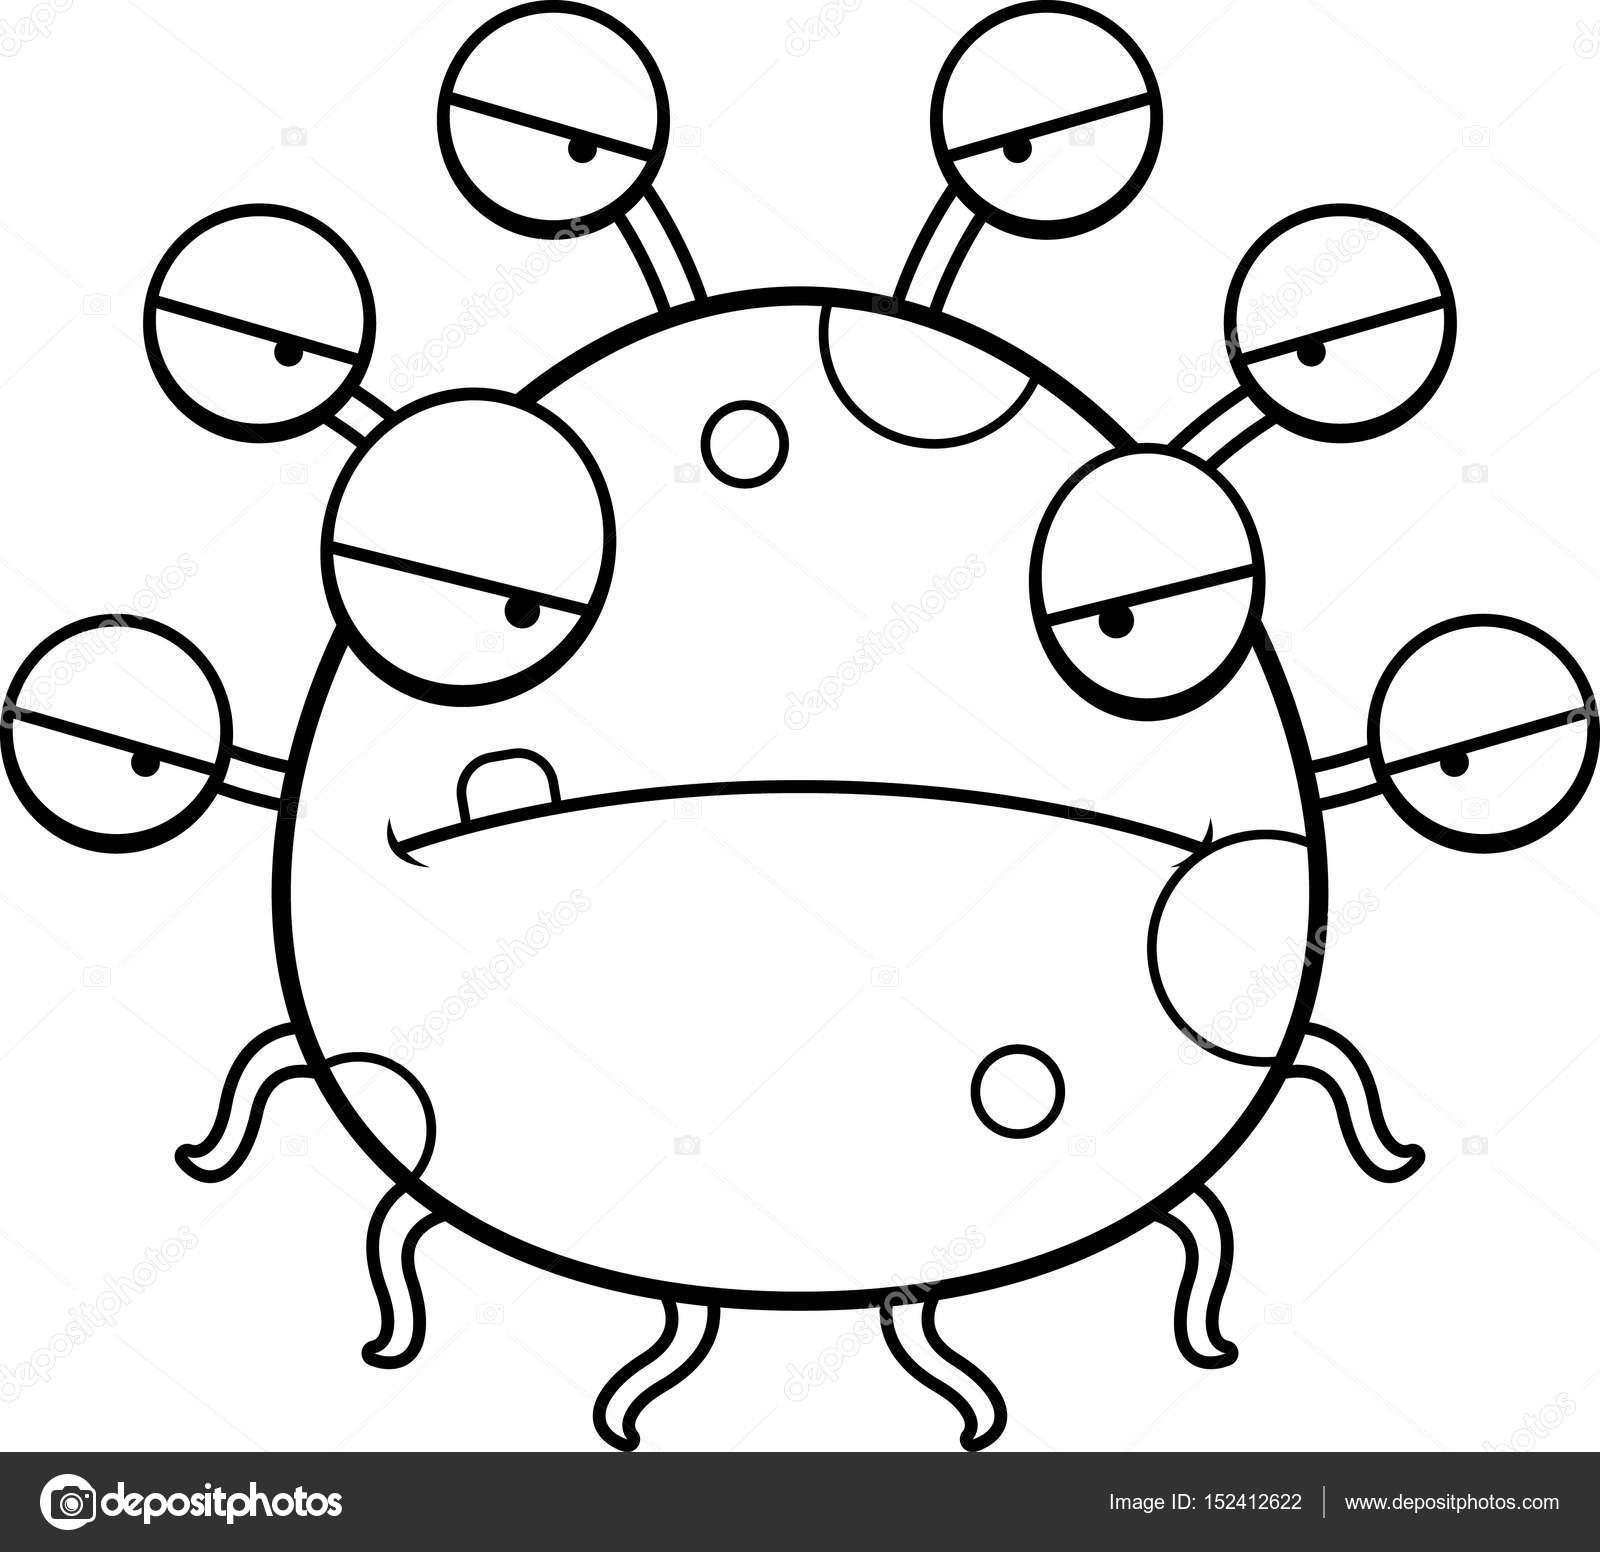 Dibujos animados locos monstruo de globo ocular — Archivo Imágenes ...